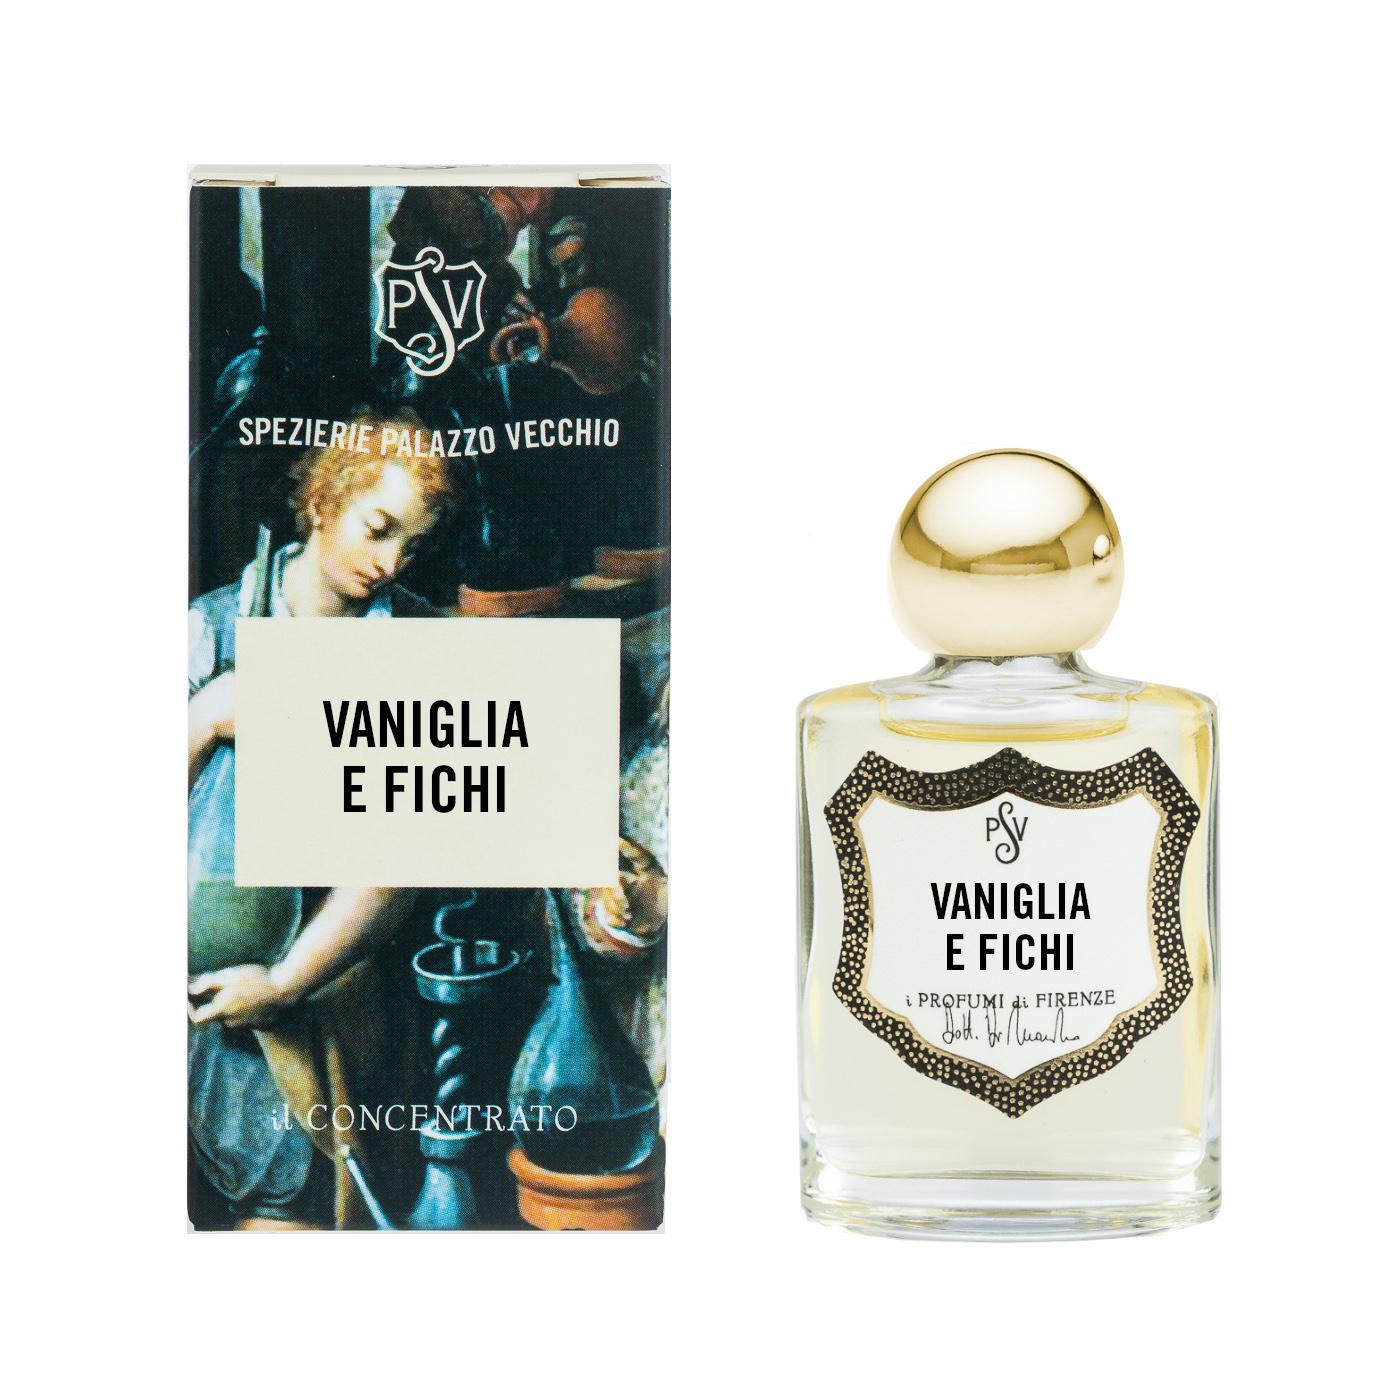 VANIGLIA E FICHI - Il Concentrato-3877